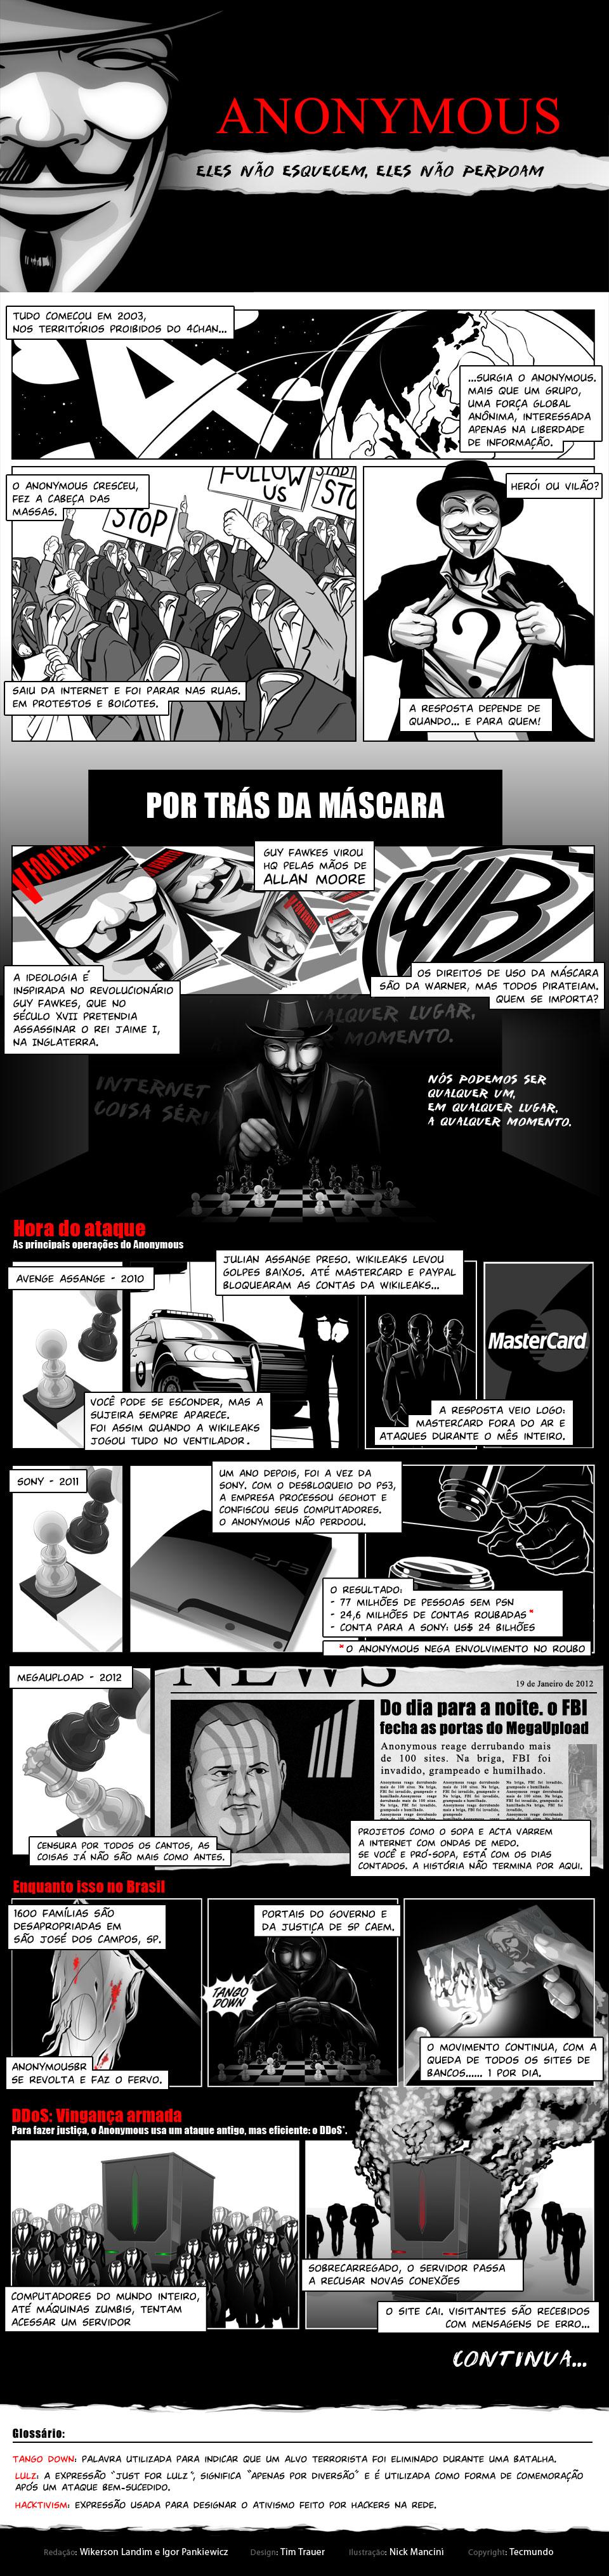 Anonymous: eles não esquecem, eles não perdoam [infográfico]